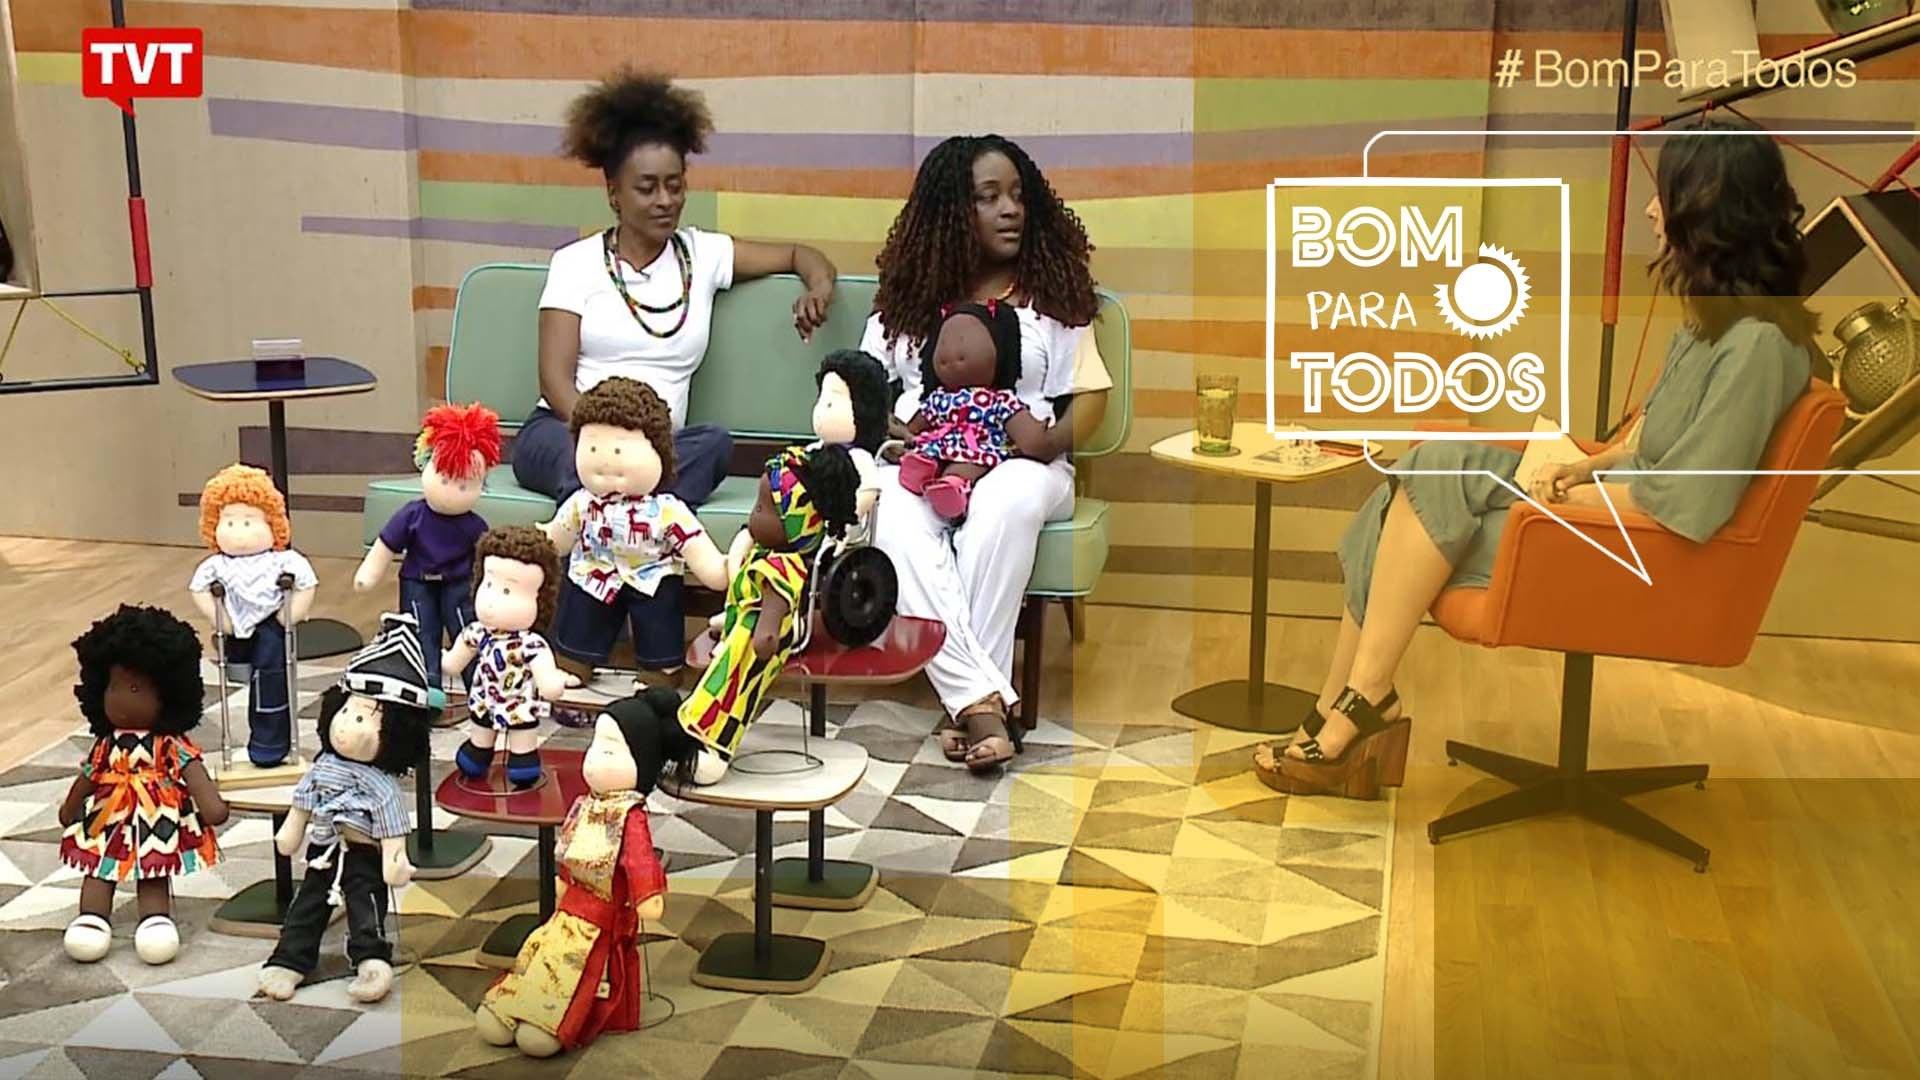 Inclusão e representatividade: conheça as bonecas do